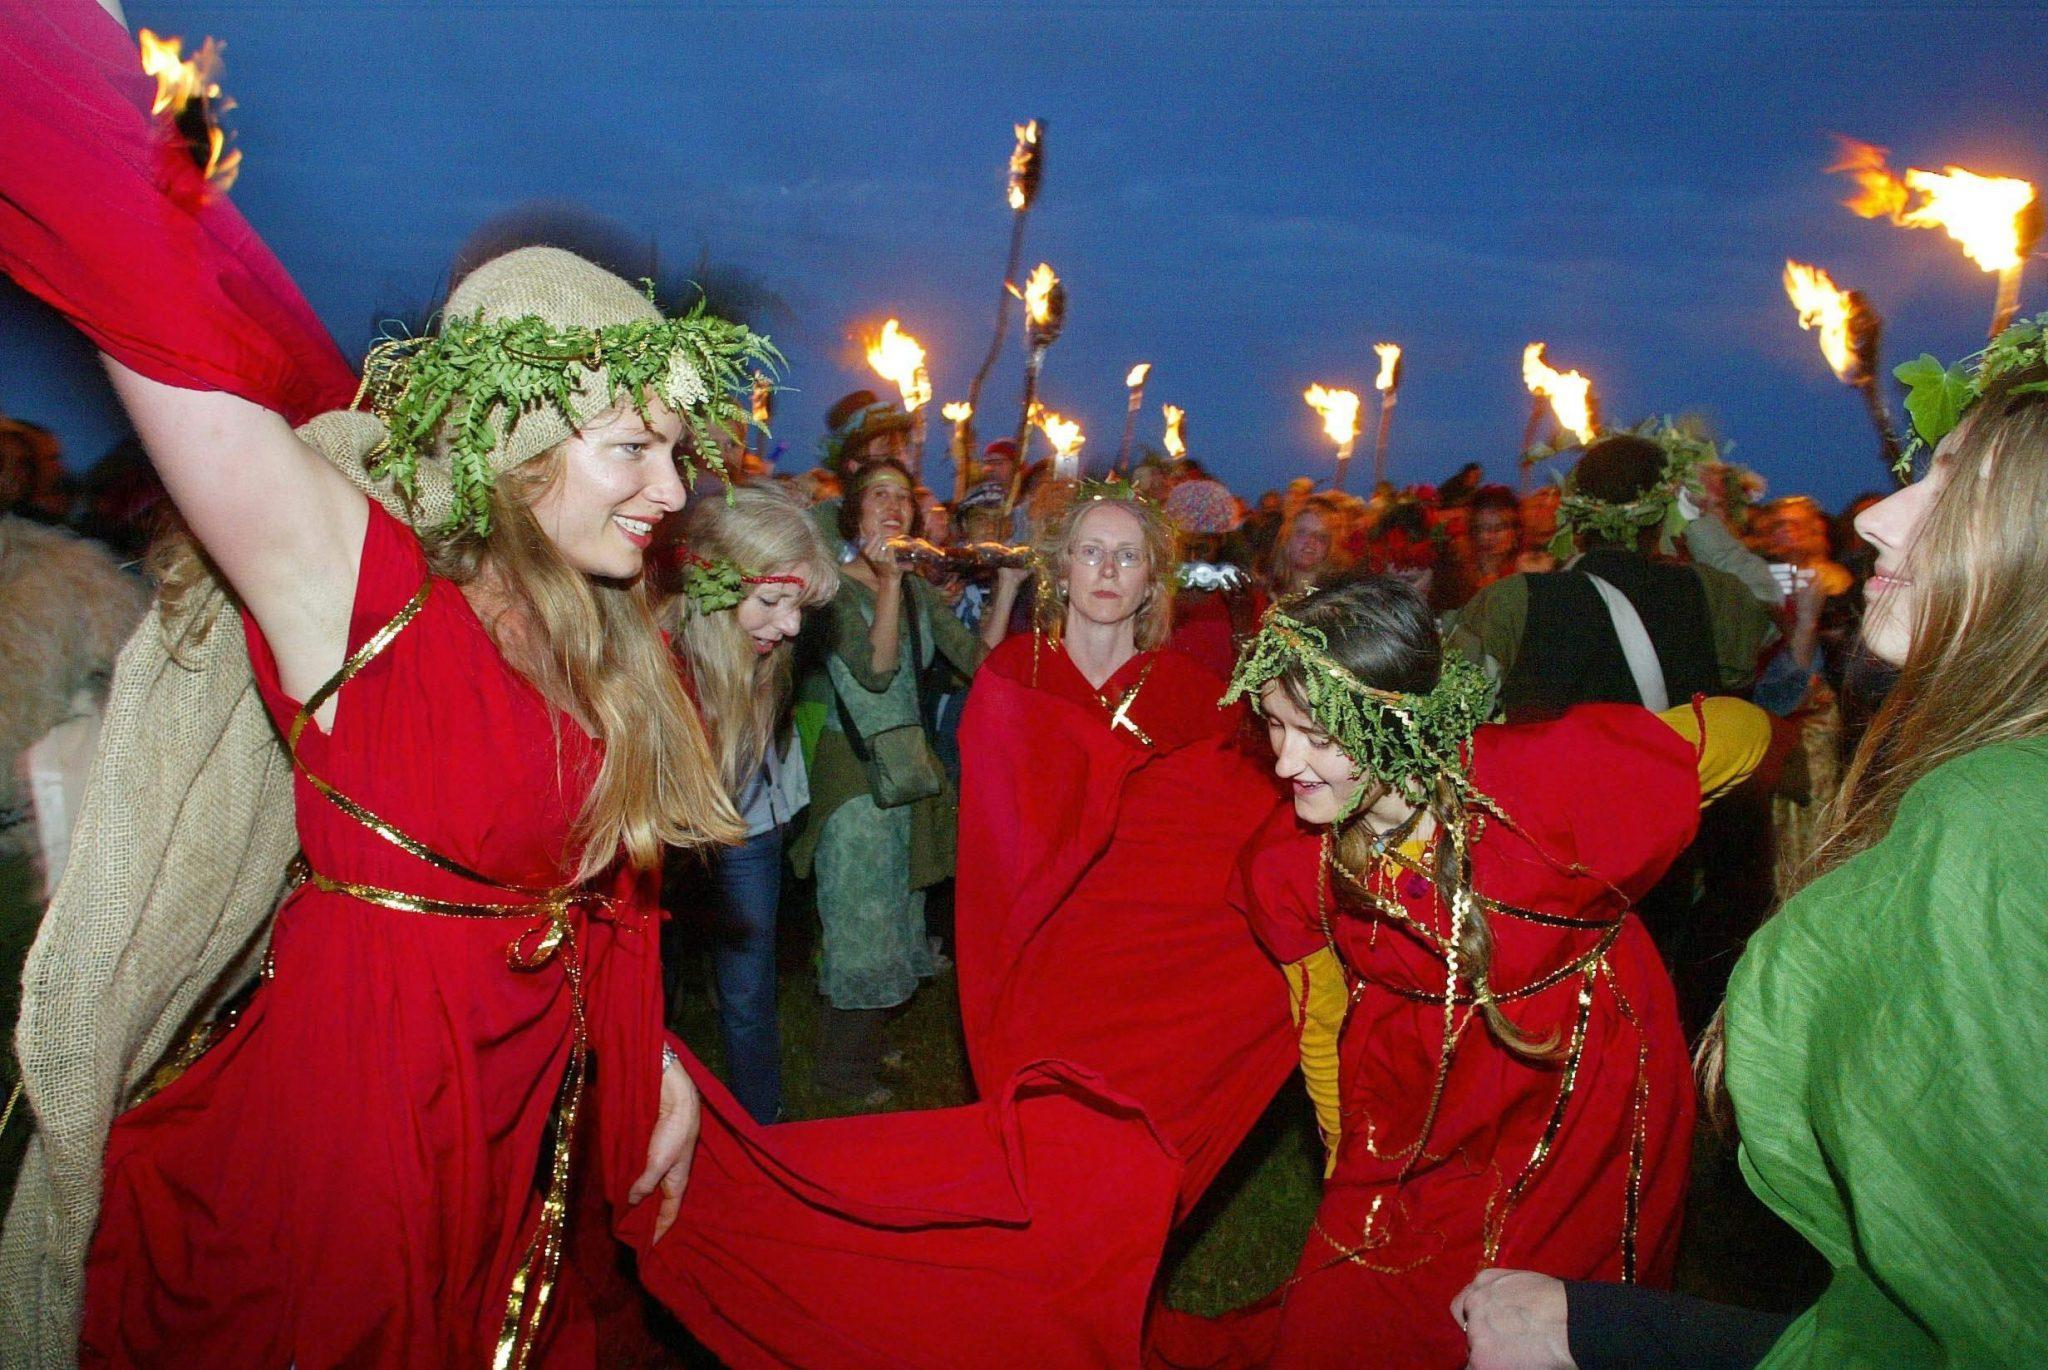 Danza que celebra el solsticio de verano en Stonehenge.EPA PHOTO/PA/CHRIS ISON